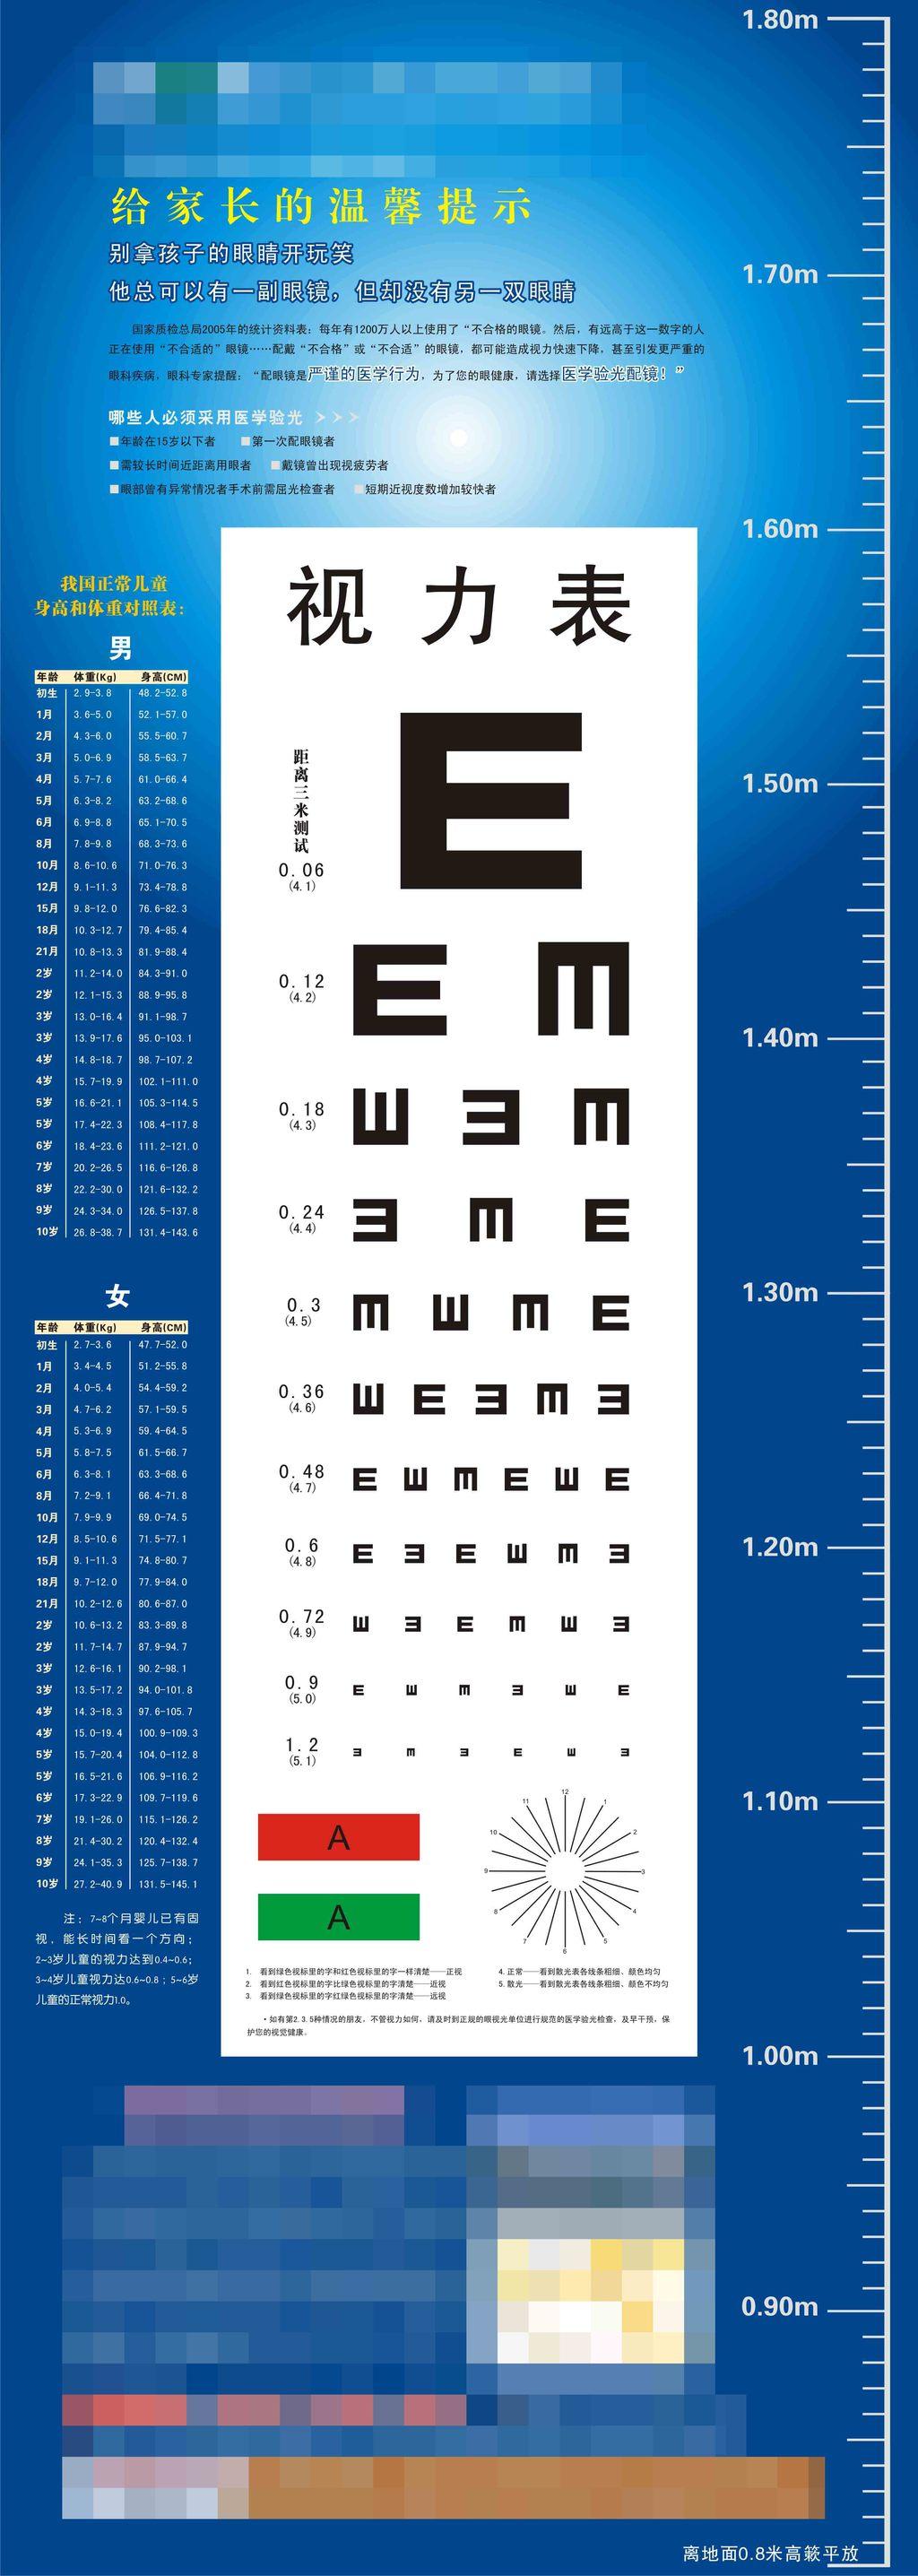 视力表 身高测量